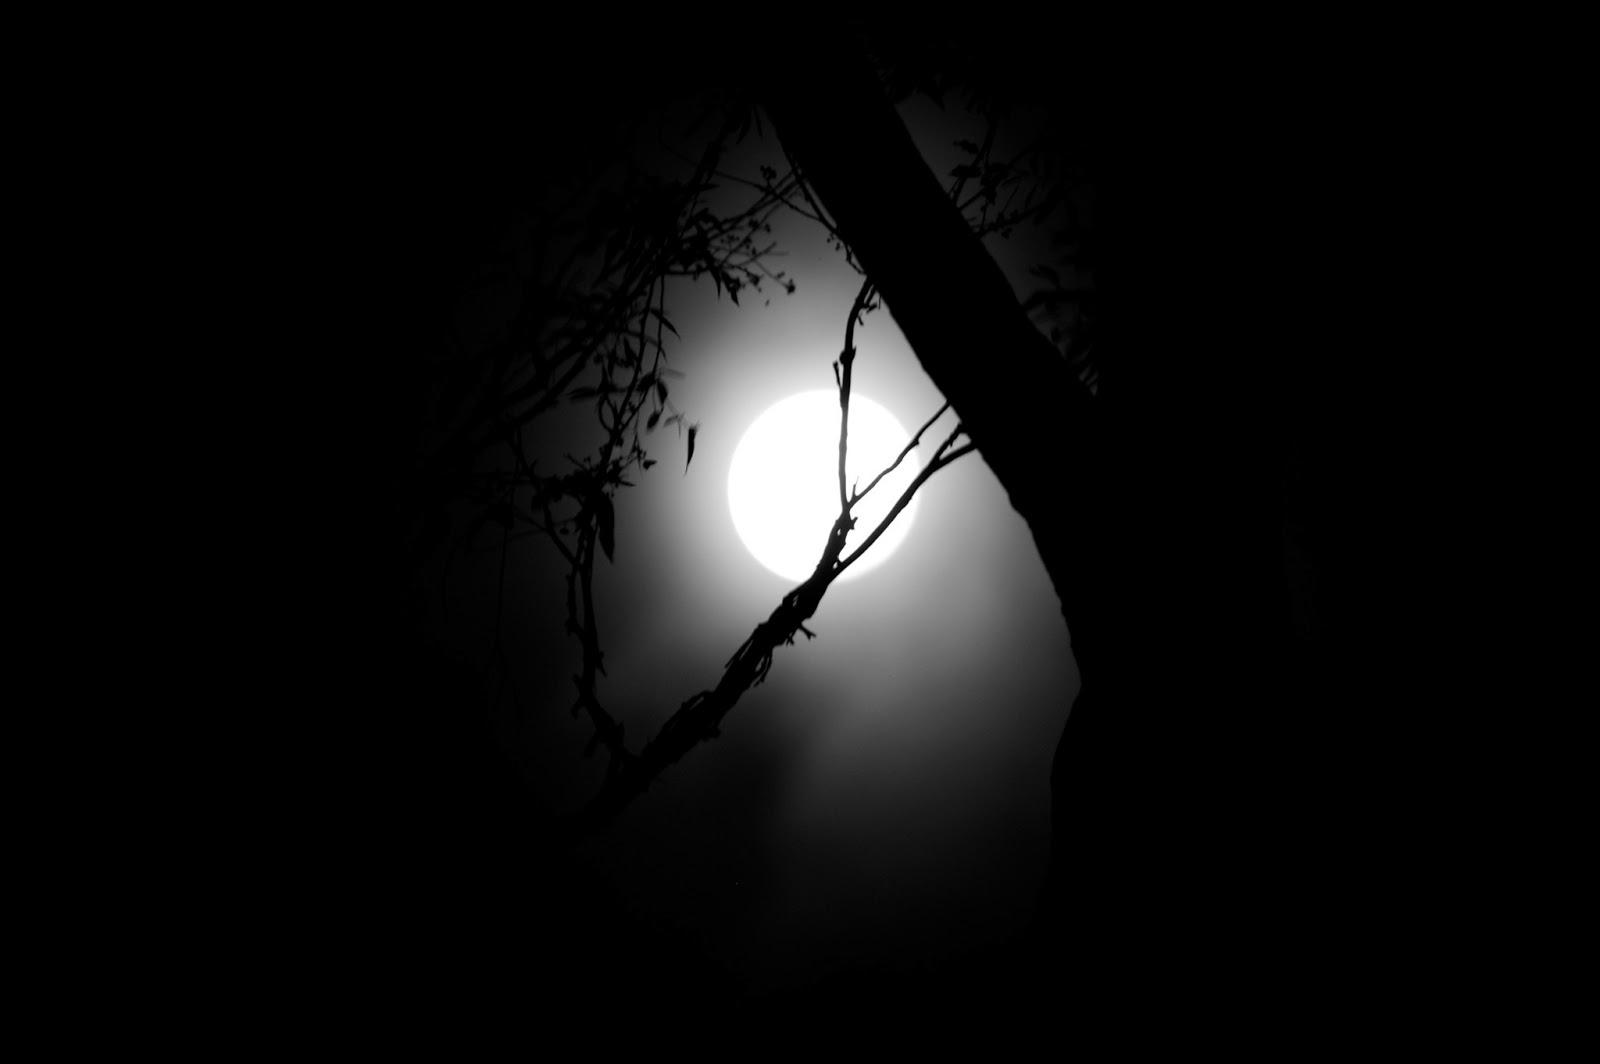 دلیل ترس از تاریکی چیست